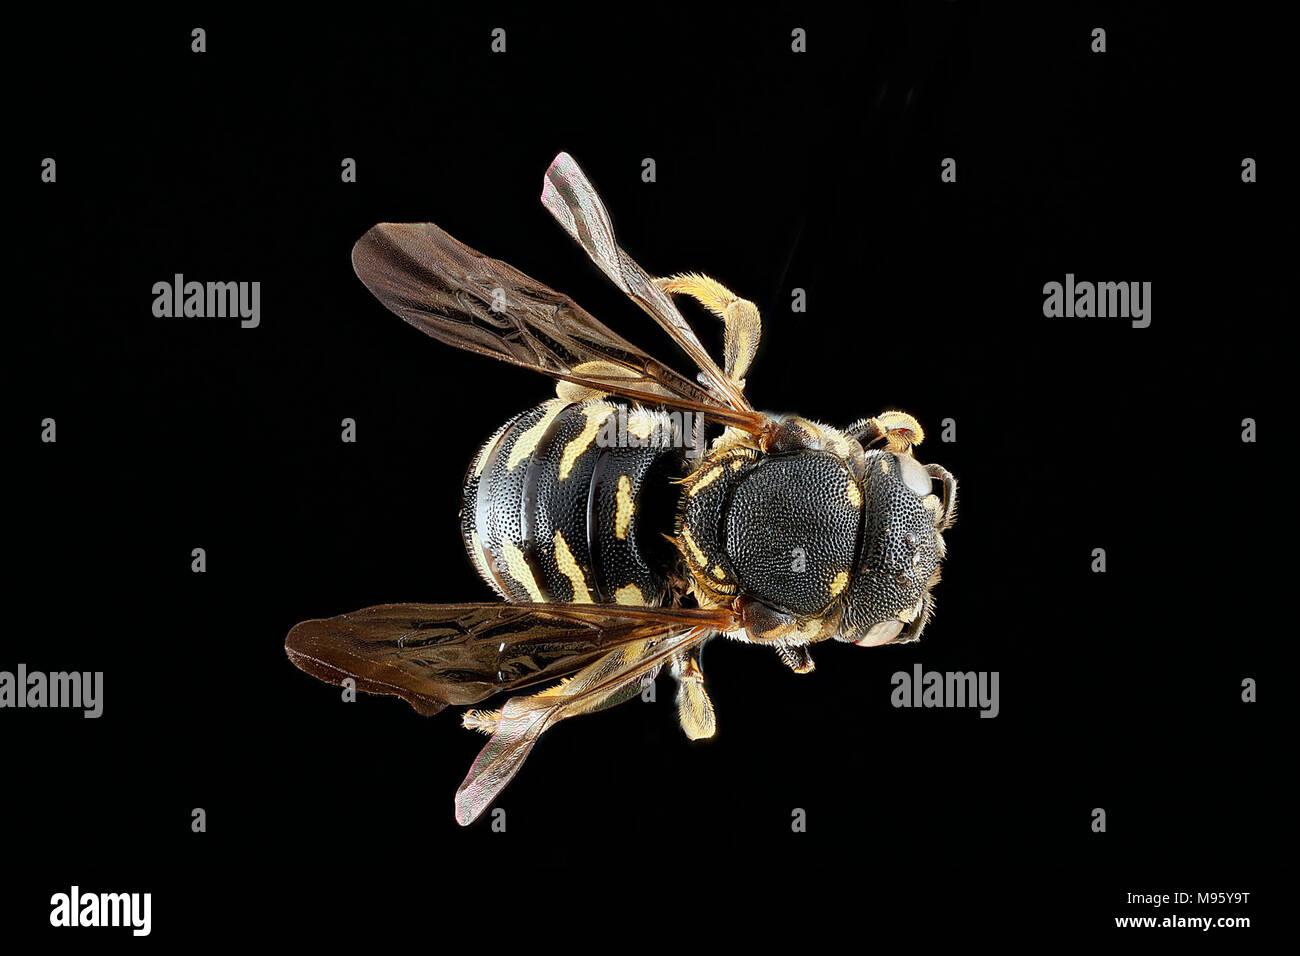 Dianthidium-simile,-female,-back - Stock Image